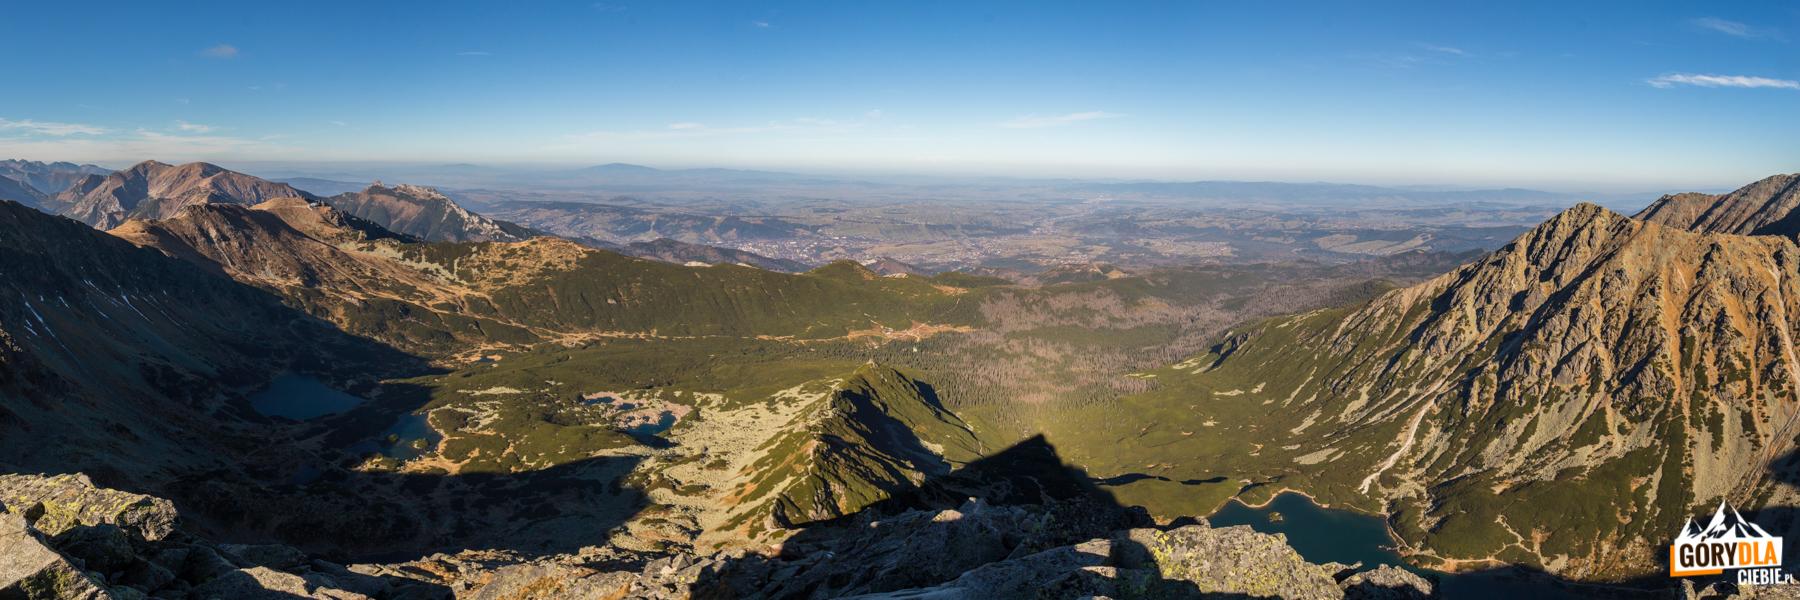 Dolina Gąsienicowa - widok ze szczytu Kościelca (2155 m)